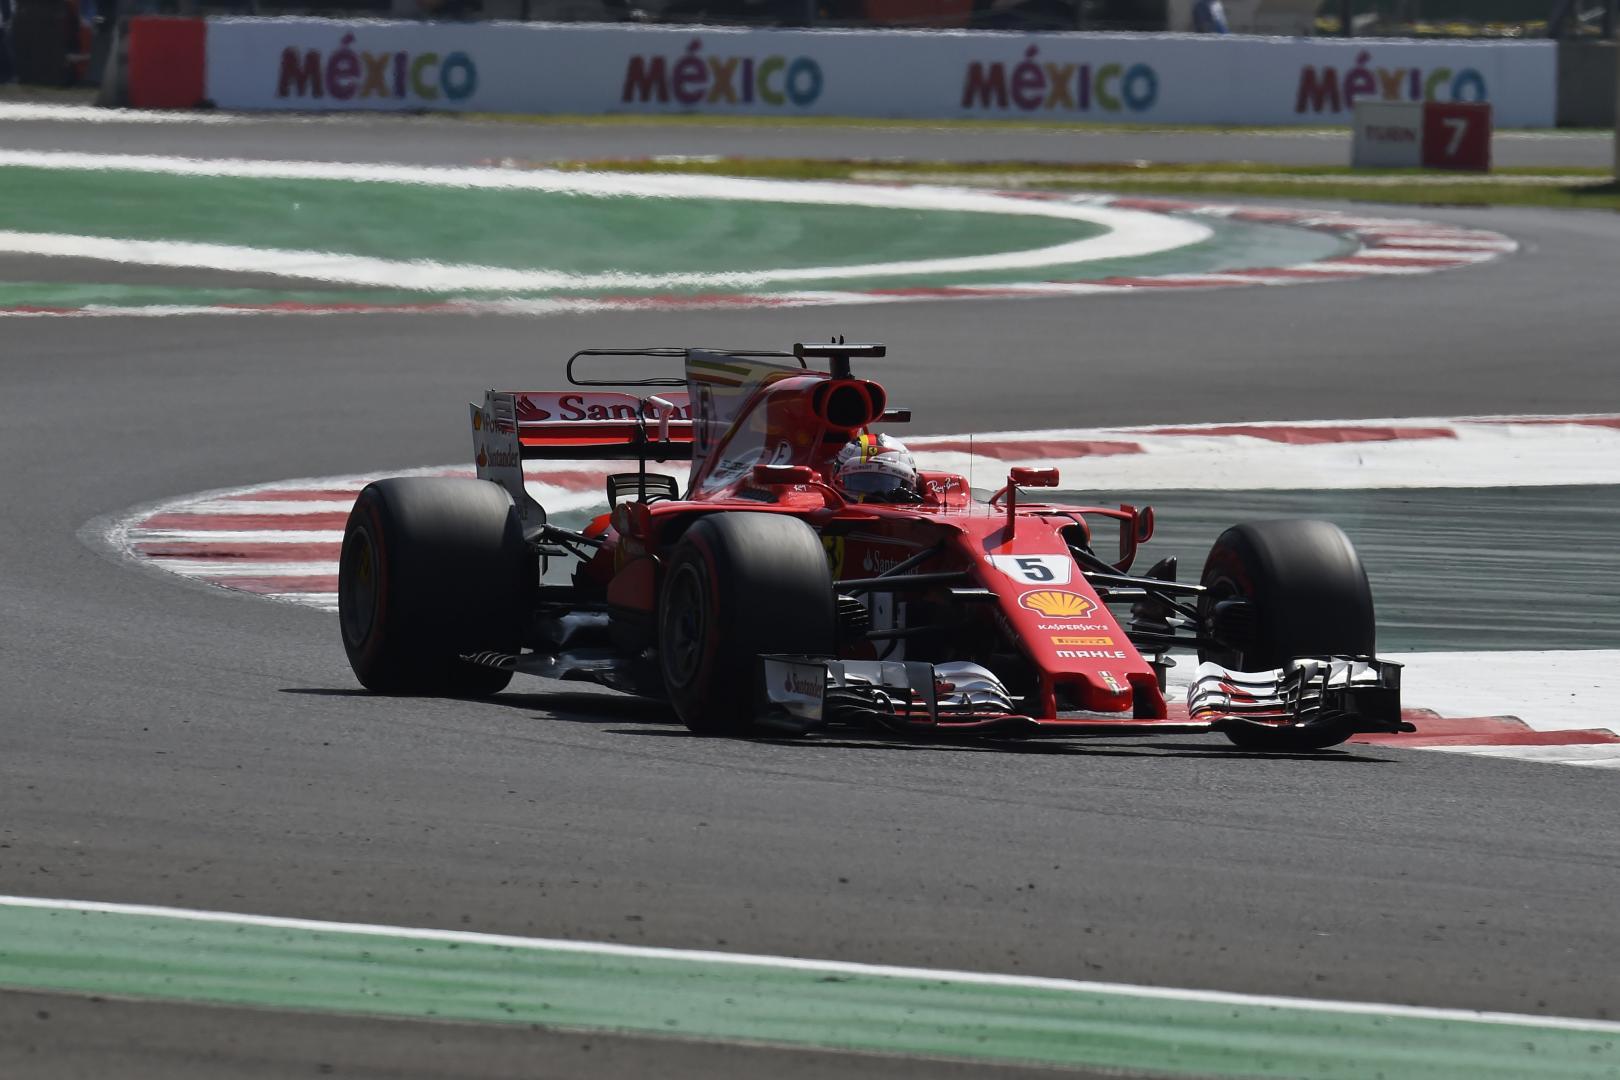 Uitslag van de GP van Mexico 2017